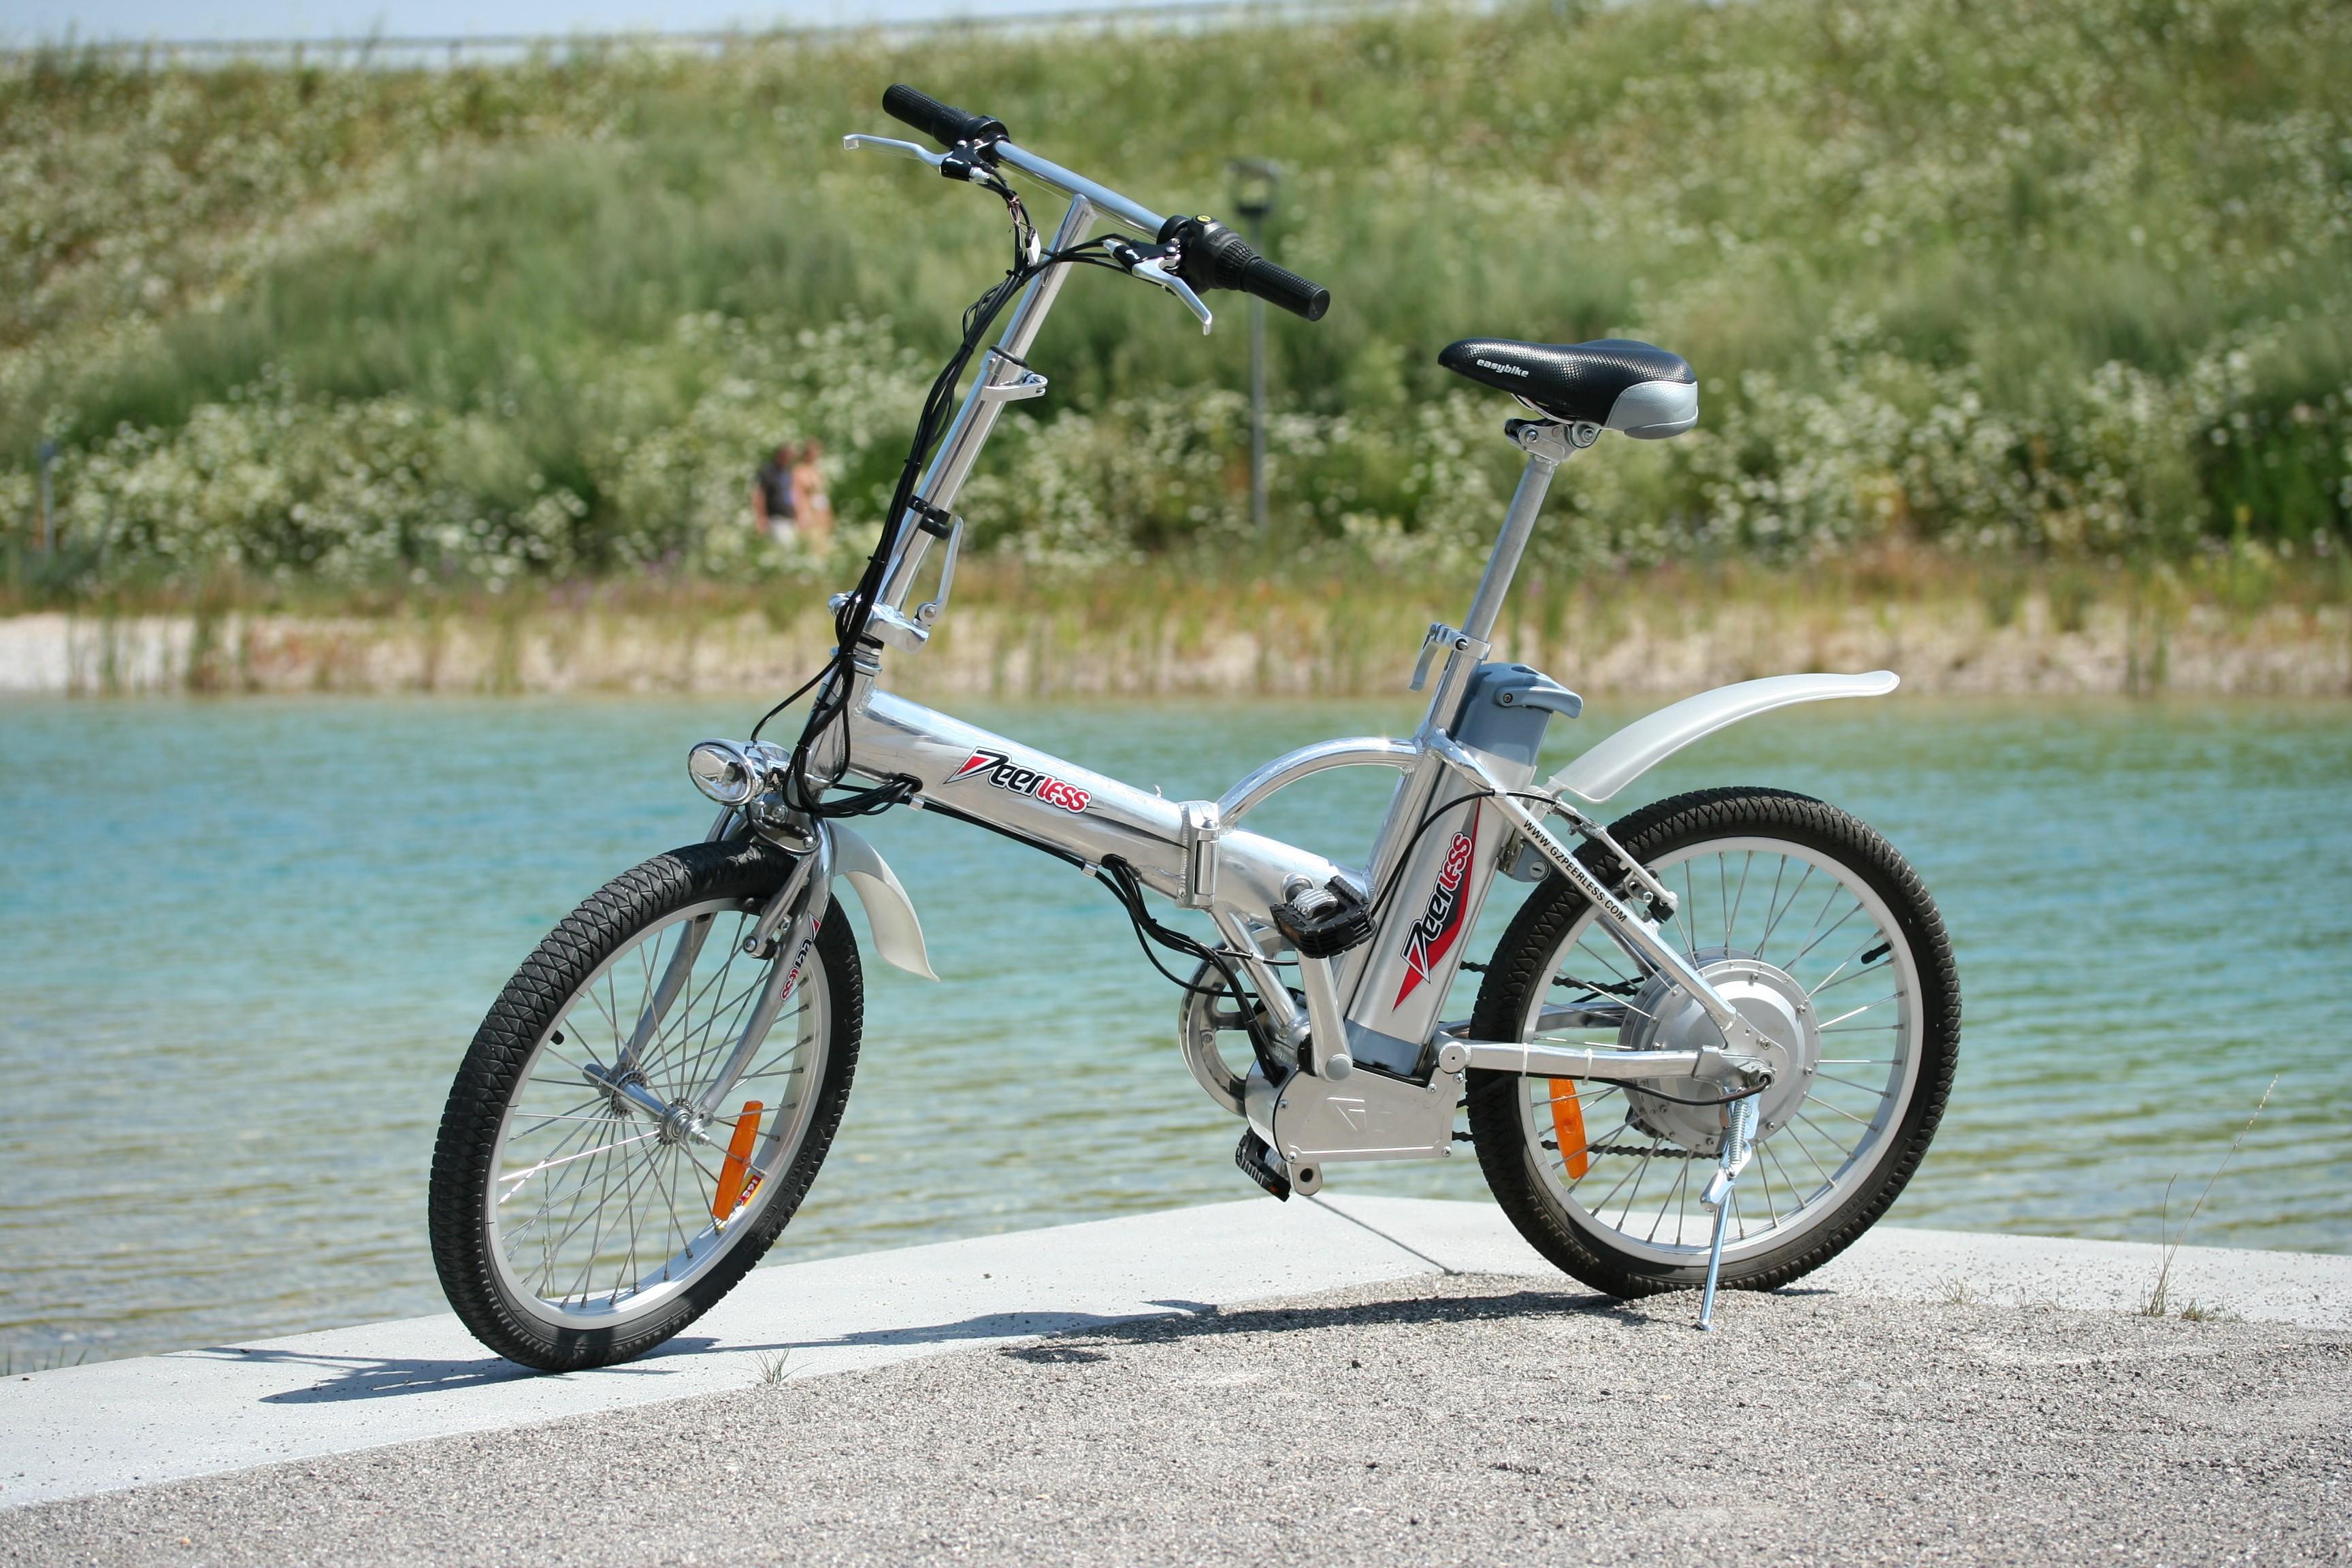 インフィニオンにとって新たな成長市場、エネルギー効率の高い電動自転車